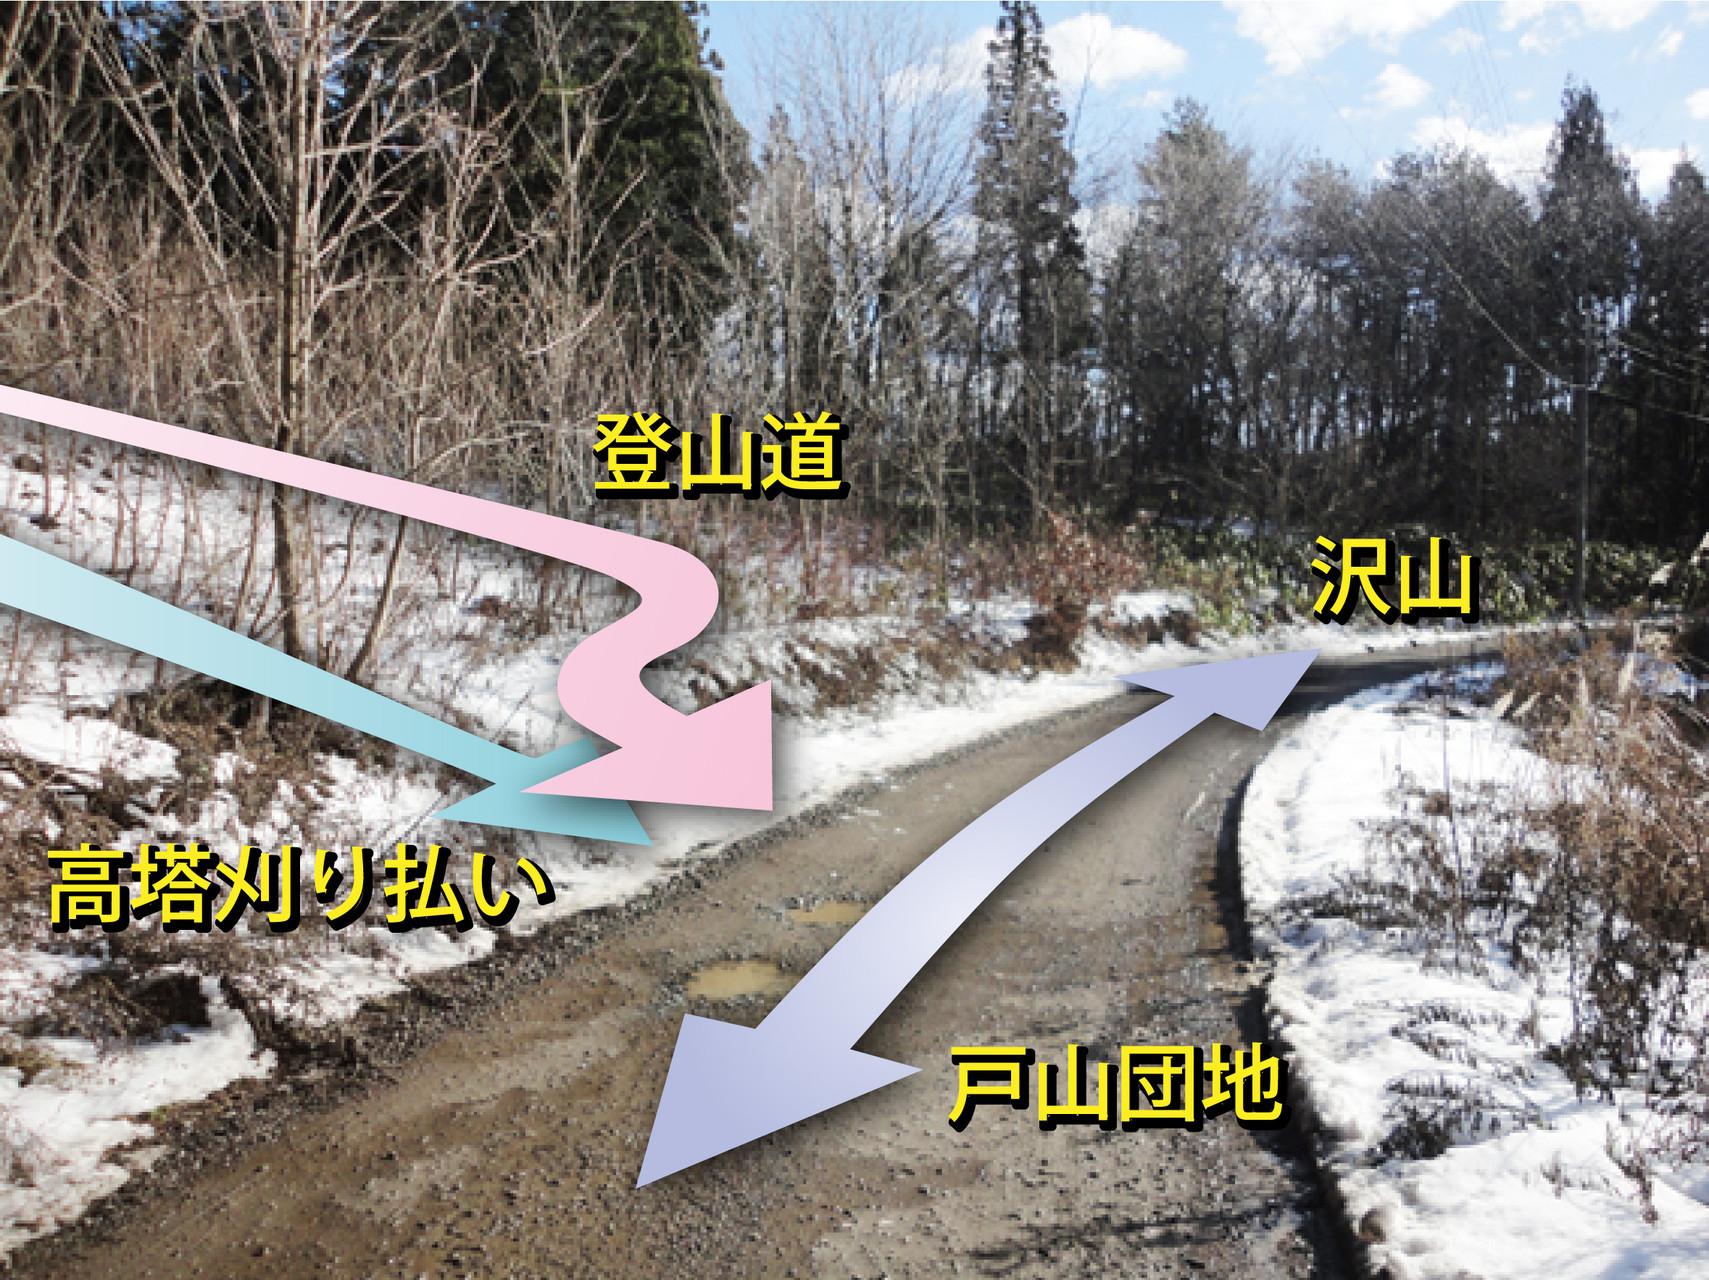 17.   戸山団地←→沢山地区分岐へ出た